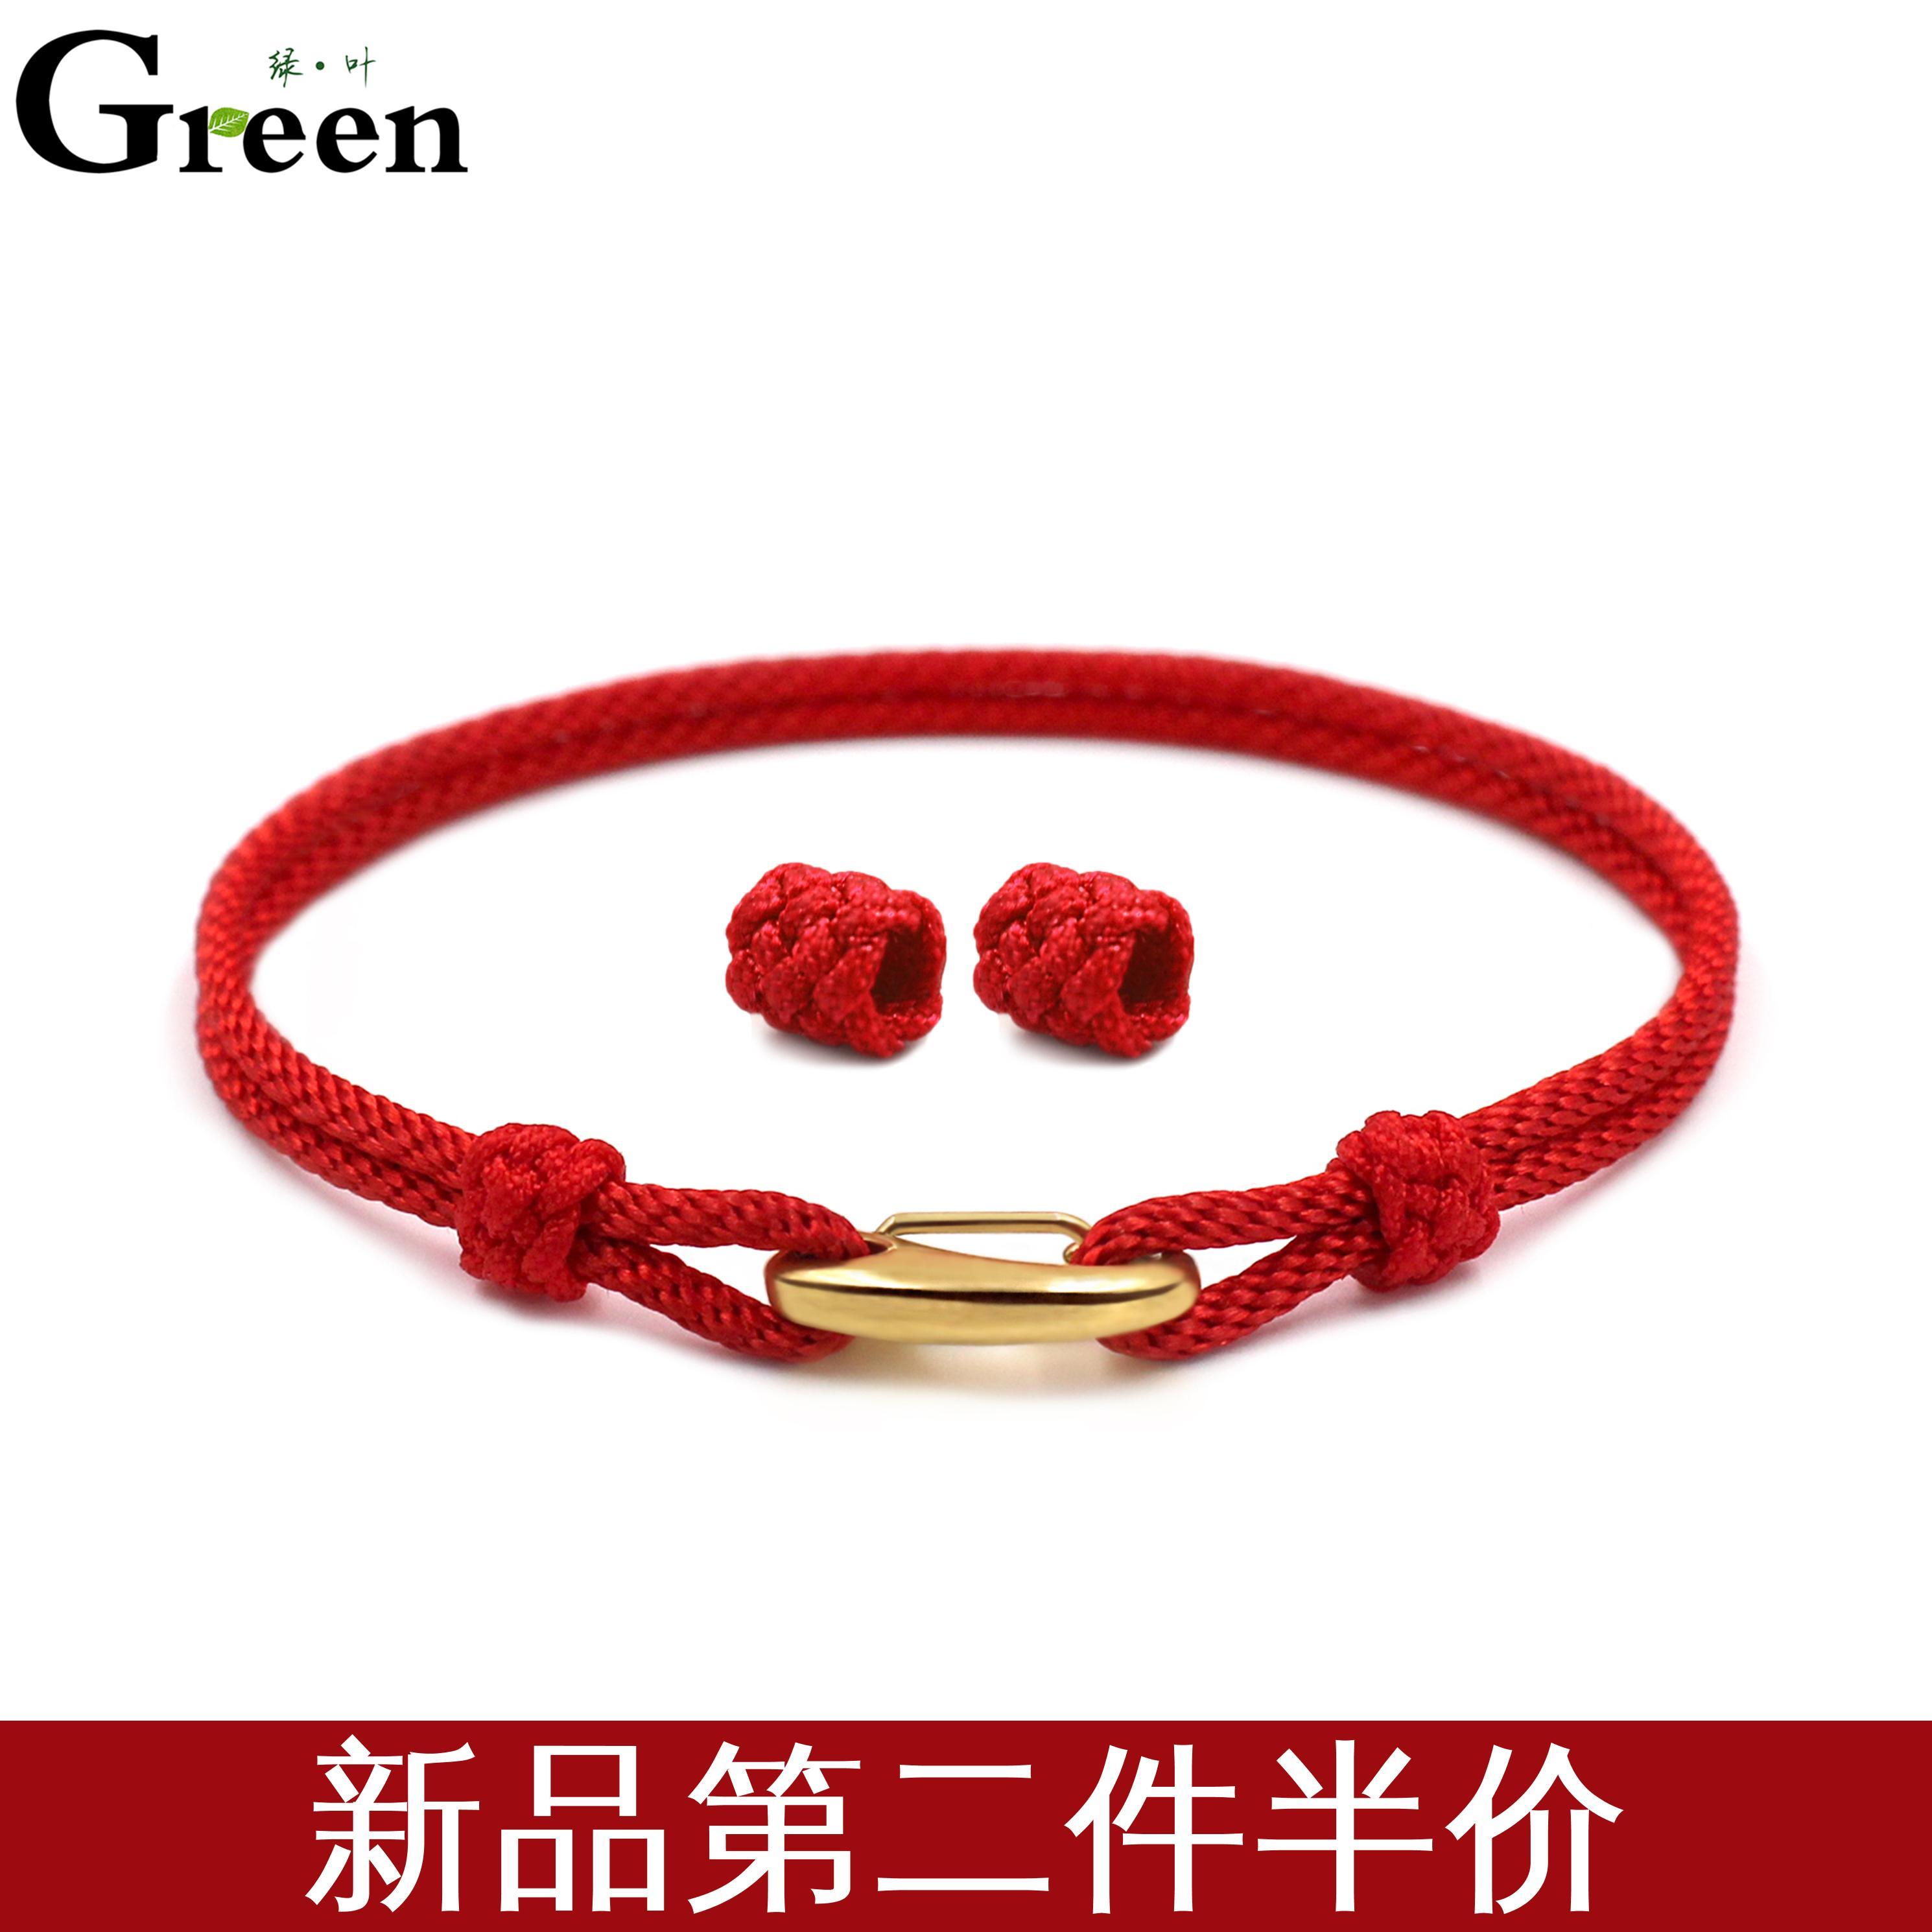 新款手工编织本命年红绳手链可穿3D硬金转运珠男女款情侣串珠手绳图片